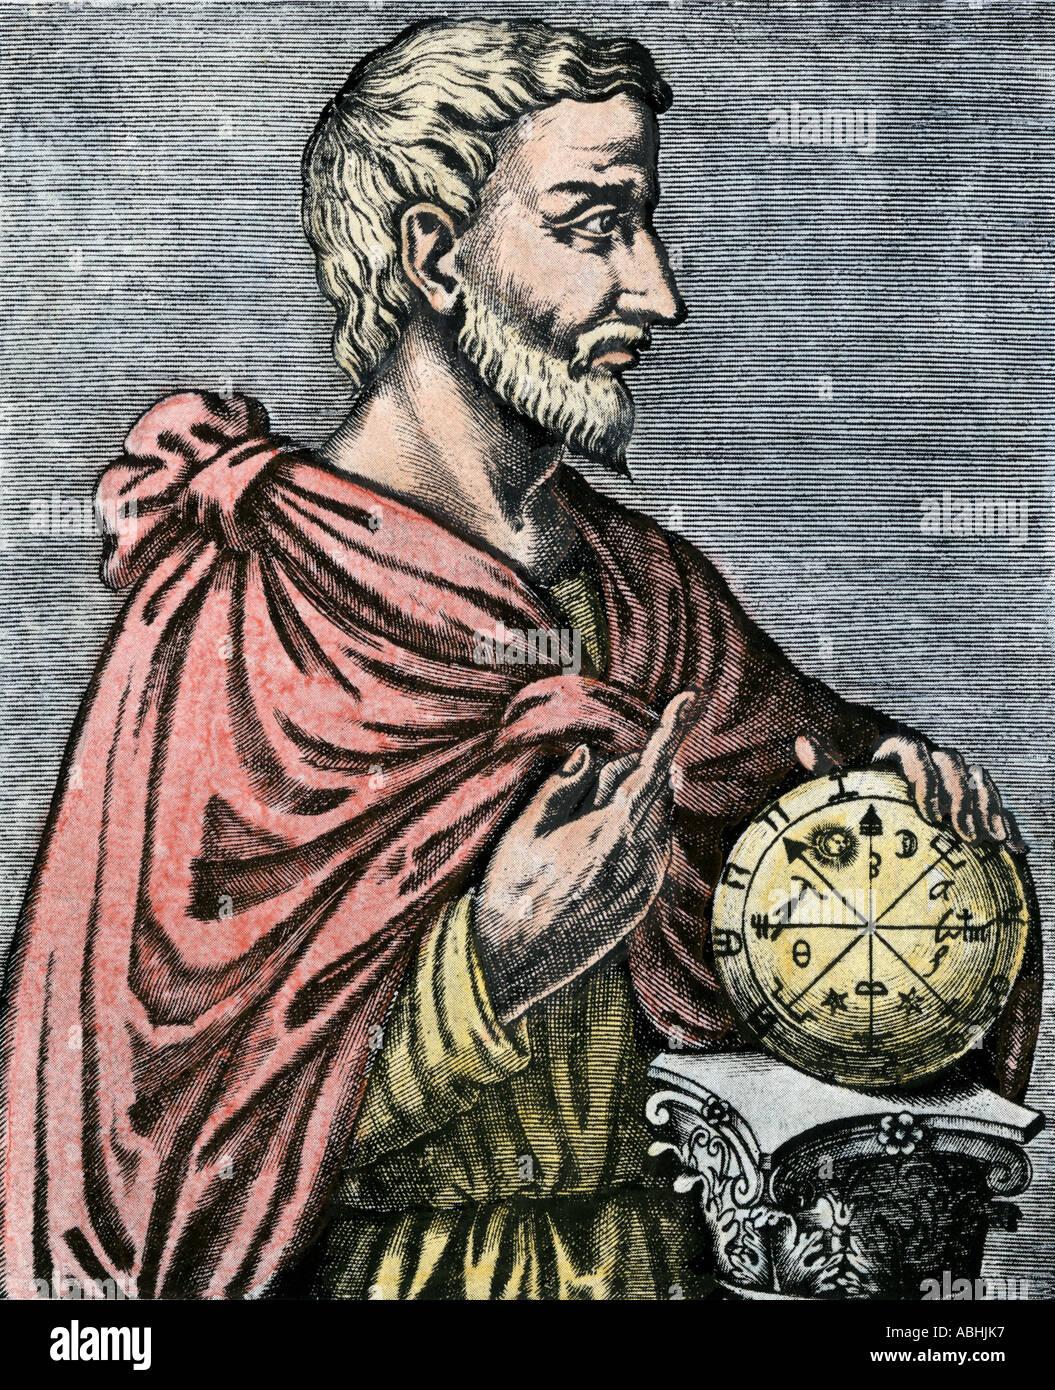 Pitágoras filósofo y matemático griego antiguo. Xilografía coloreada a mano Imagen De Stock